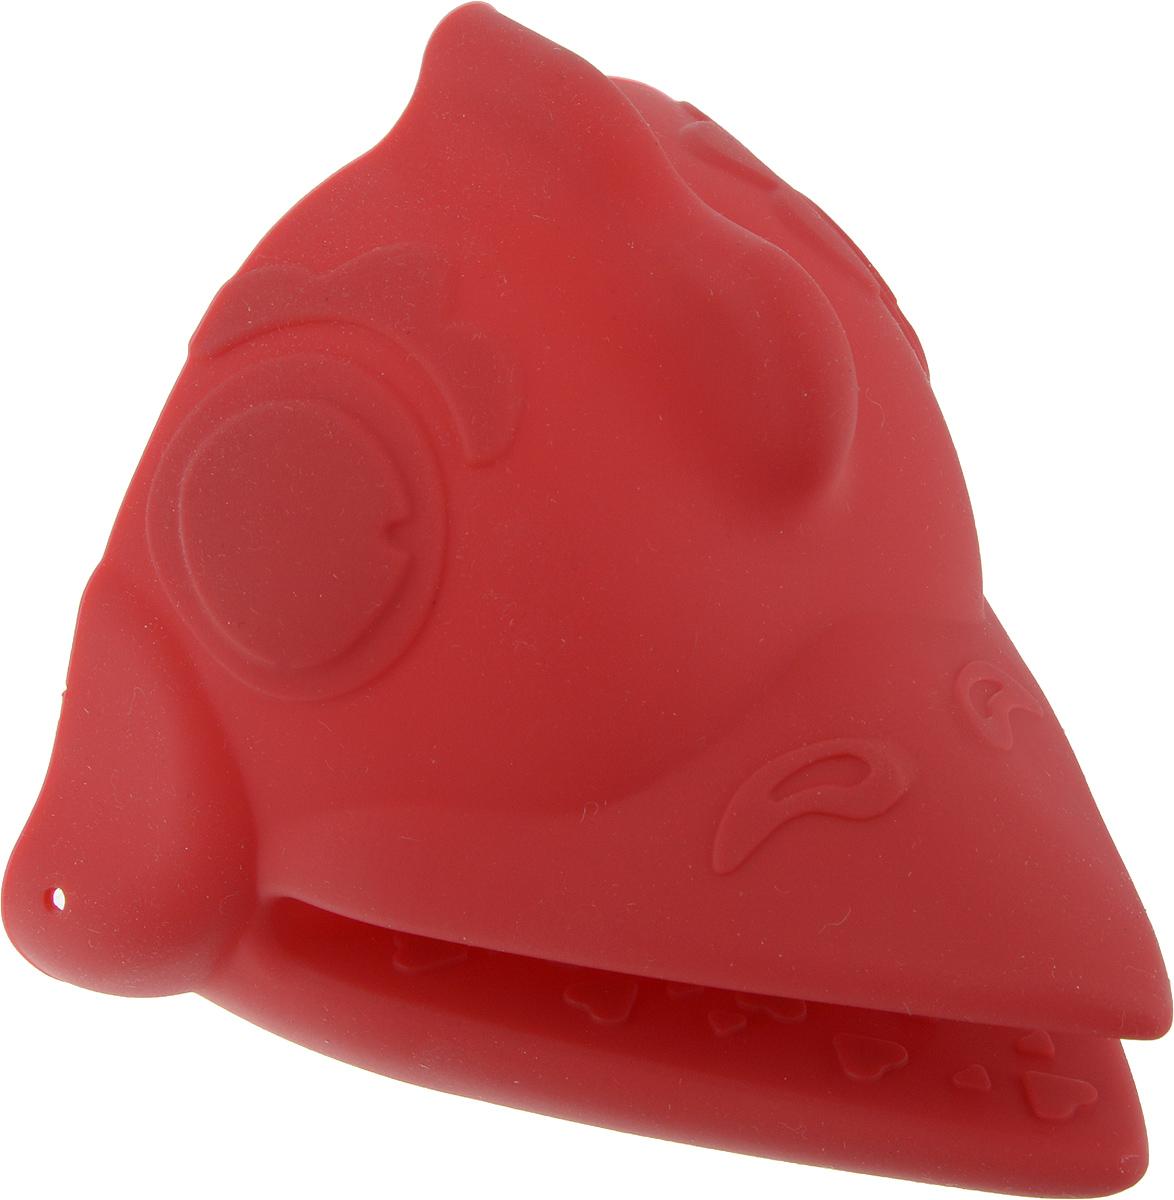 """Силиконовая прихватка Marmiton """"Петух"""" позволяет защитить ладонь и пальцы от  нежелательного воздействия высоких температур. Ребристая поверхность предотвращает  скольжение. С помощью такой рукавицы ваши руки будут защищены от ожогов, когда вы будете  ставить в печь или доставать из нее выпечку. Изделие оснащено петелькой для  подвешивания на крючок."""